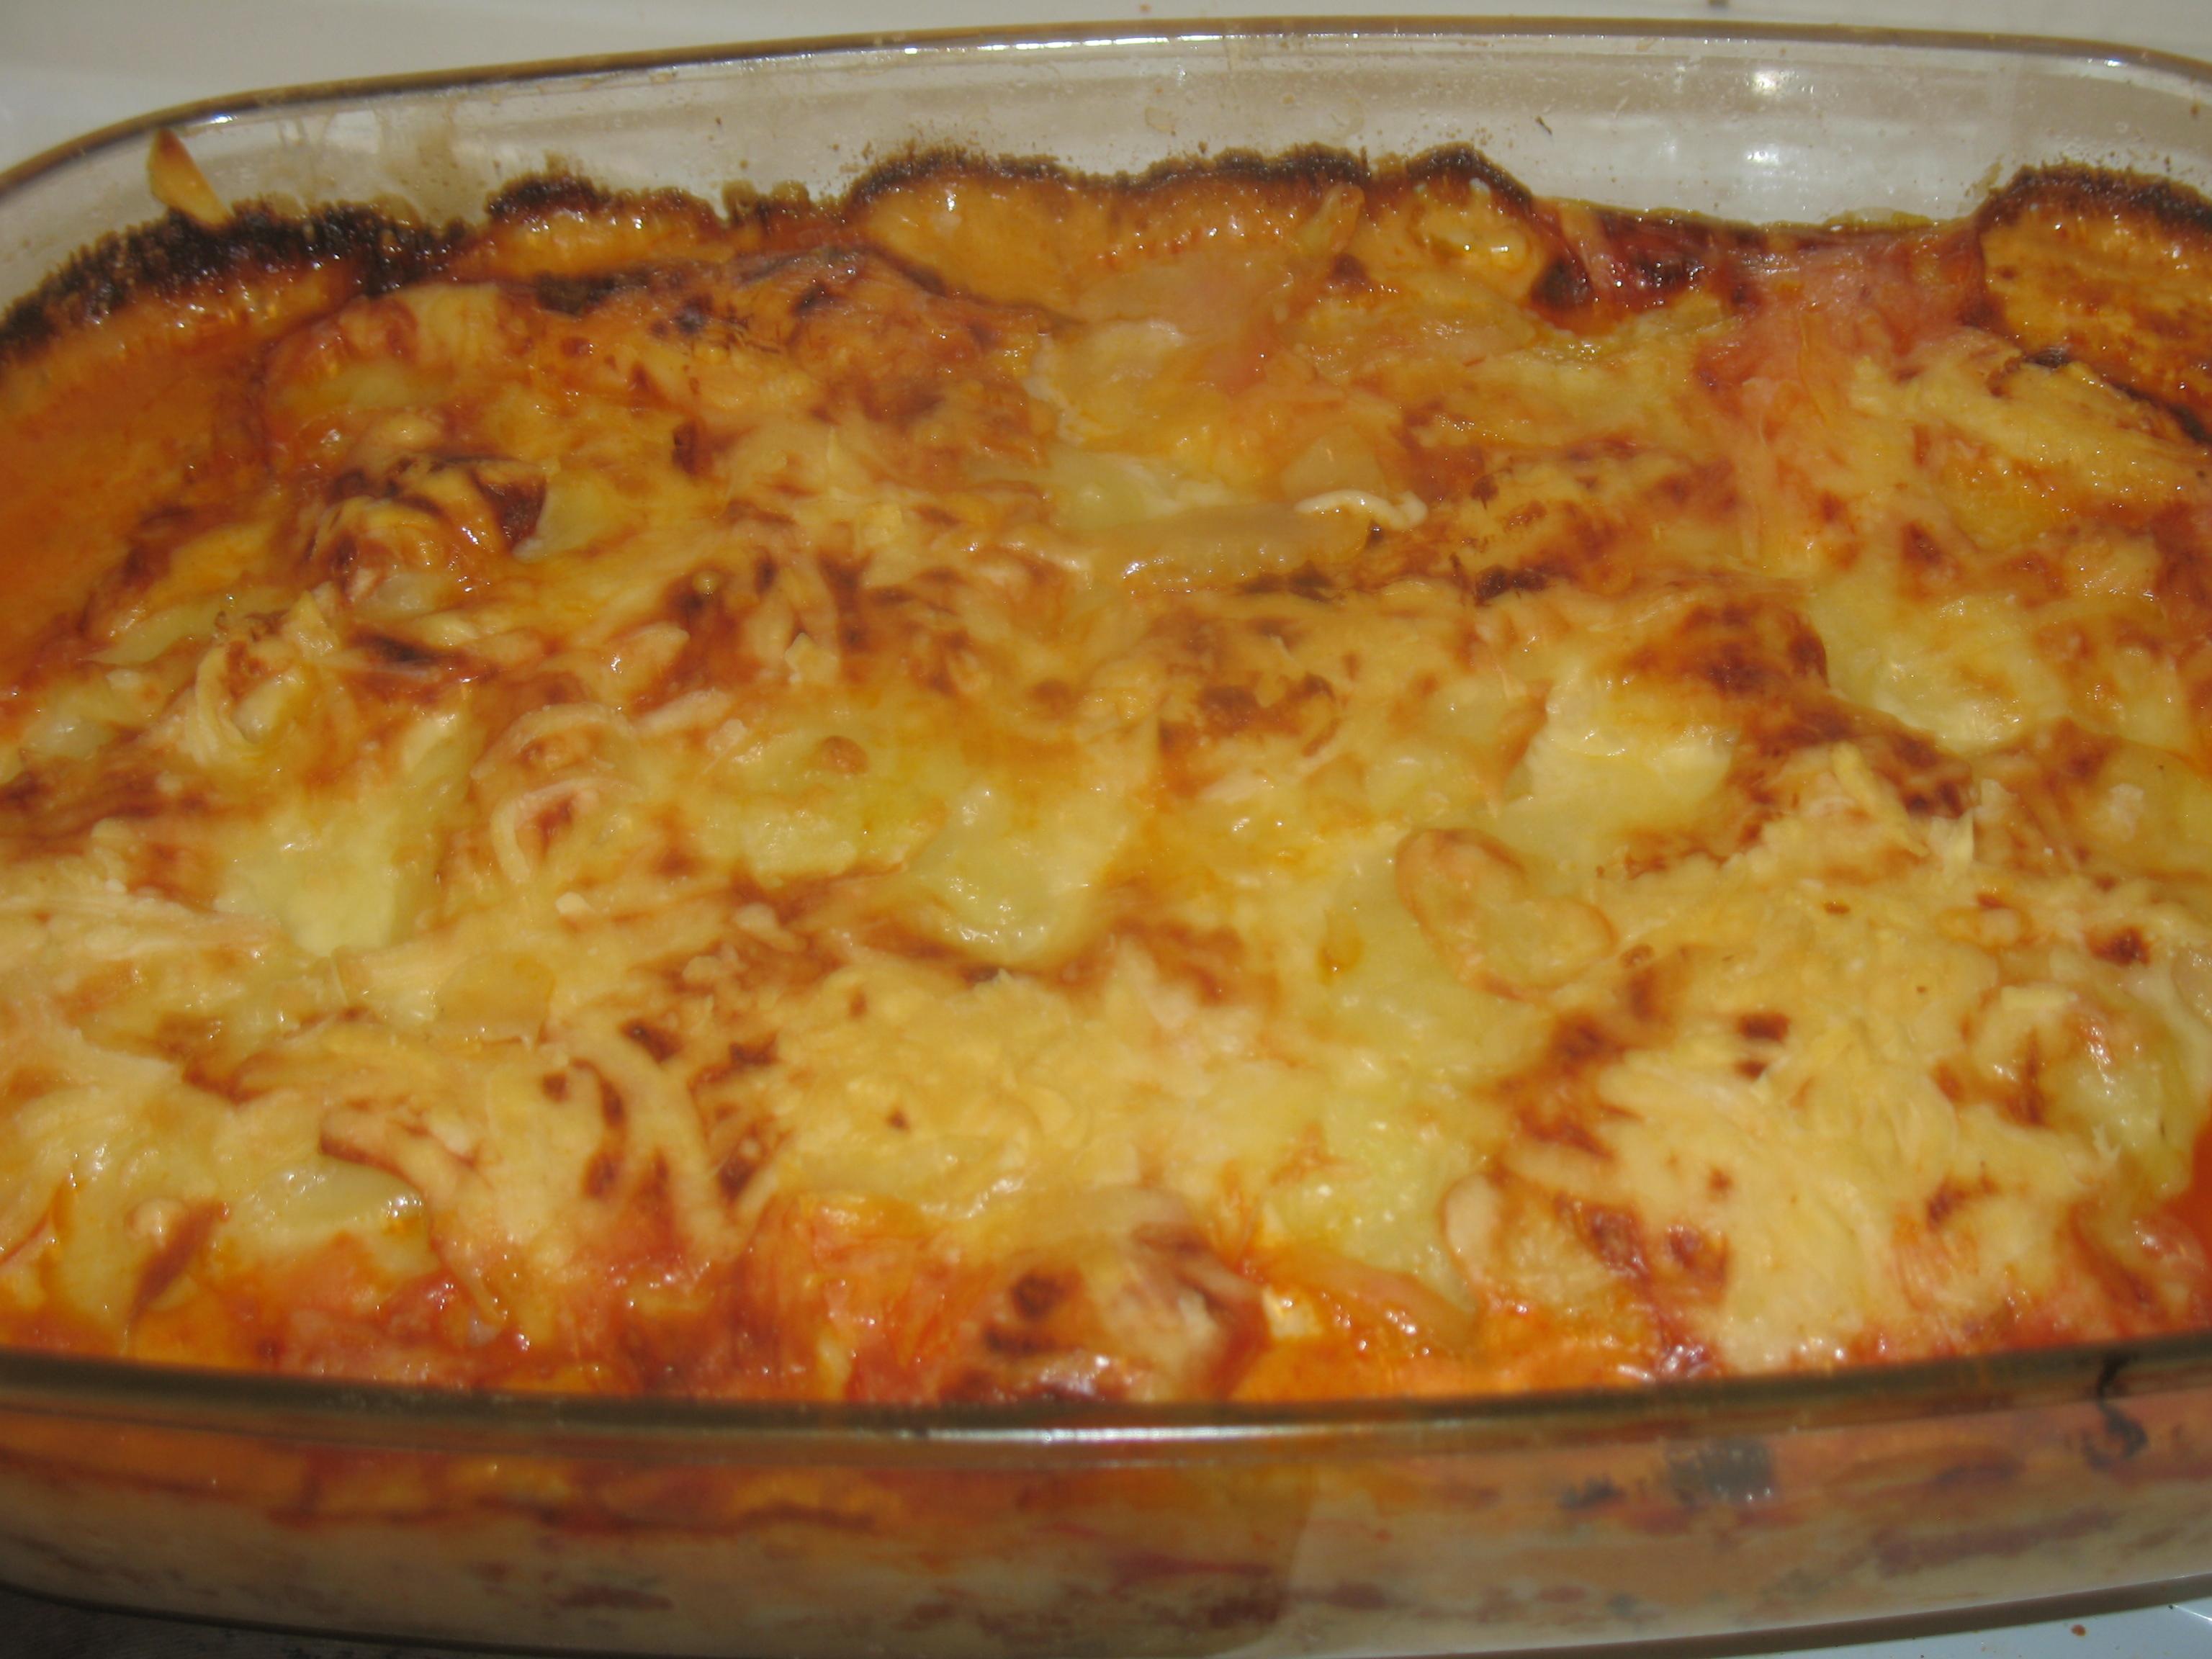 skivad potatis i ugn och köttfärs